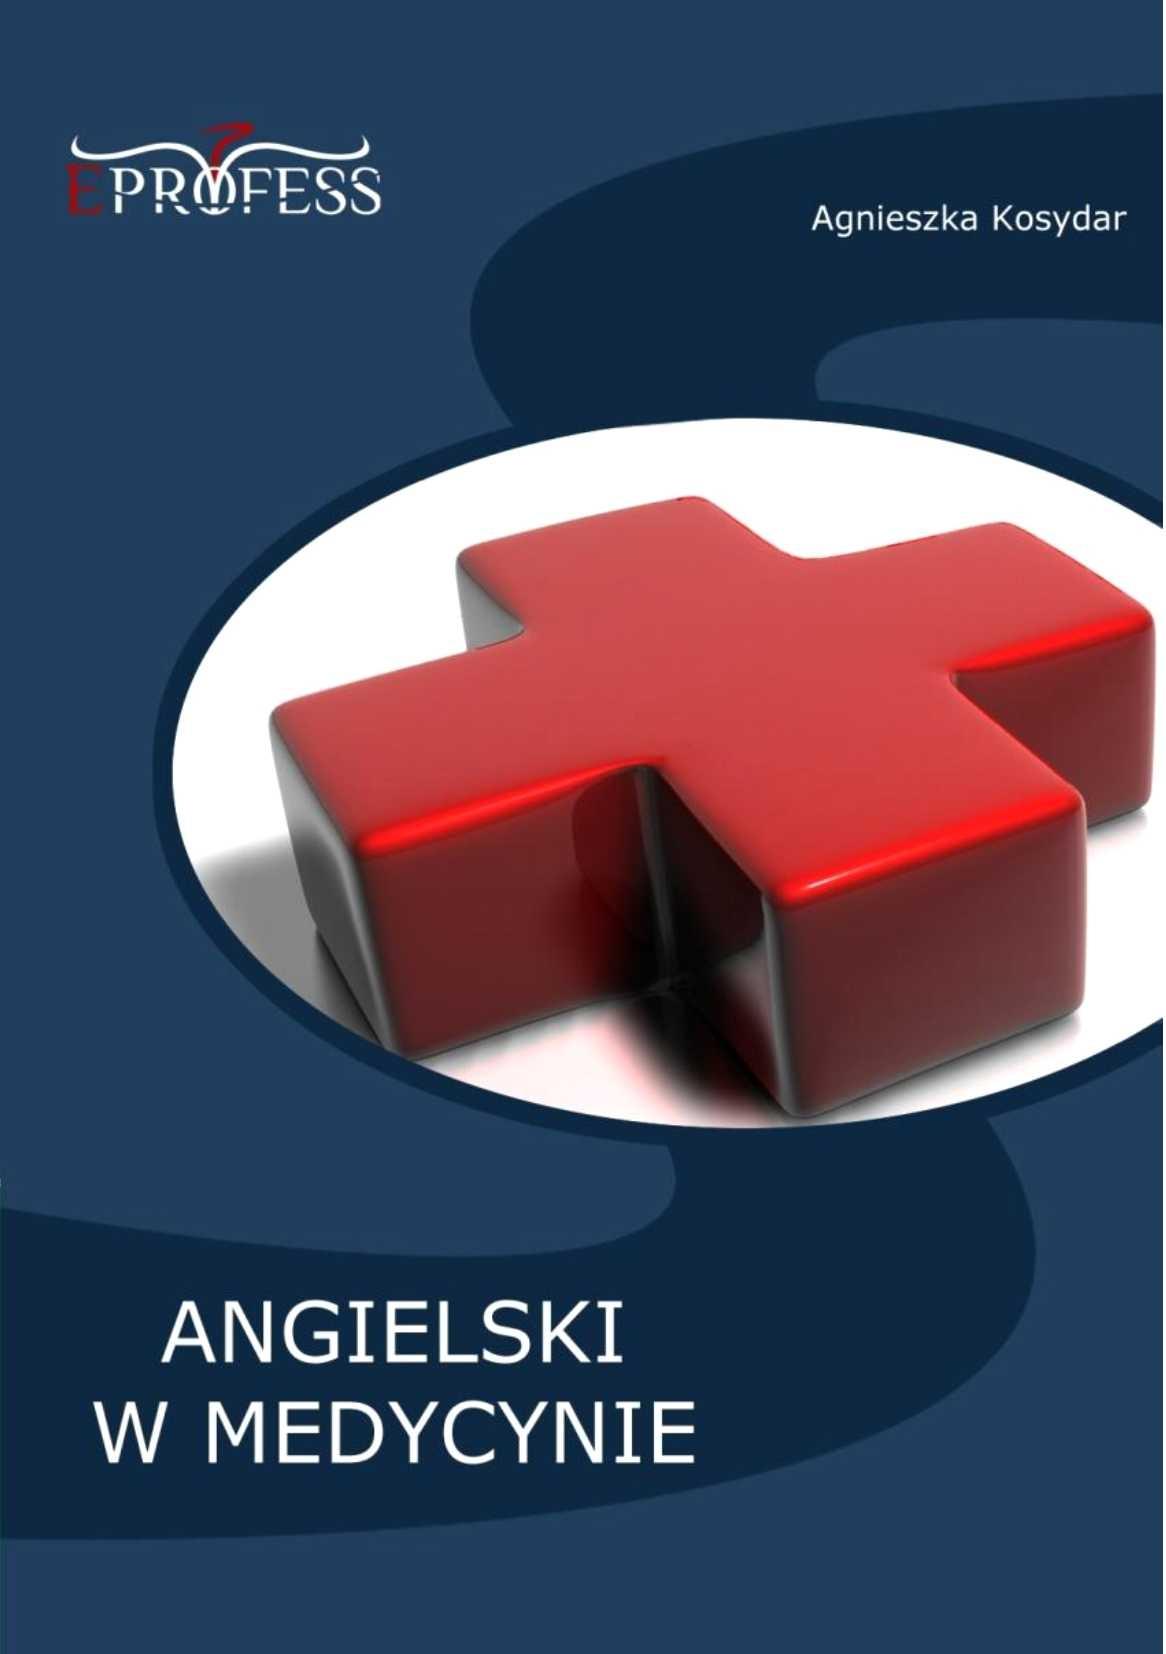 Angielski w Medycynie - Ebook (Książka EPUB) do pobrania w formacie EPUB